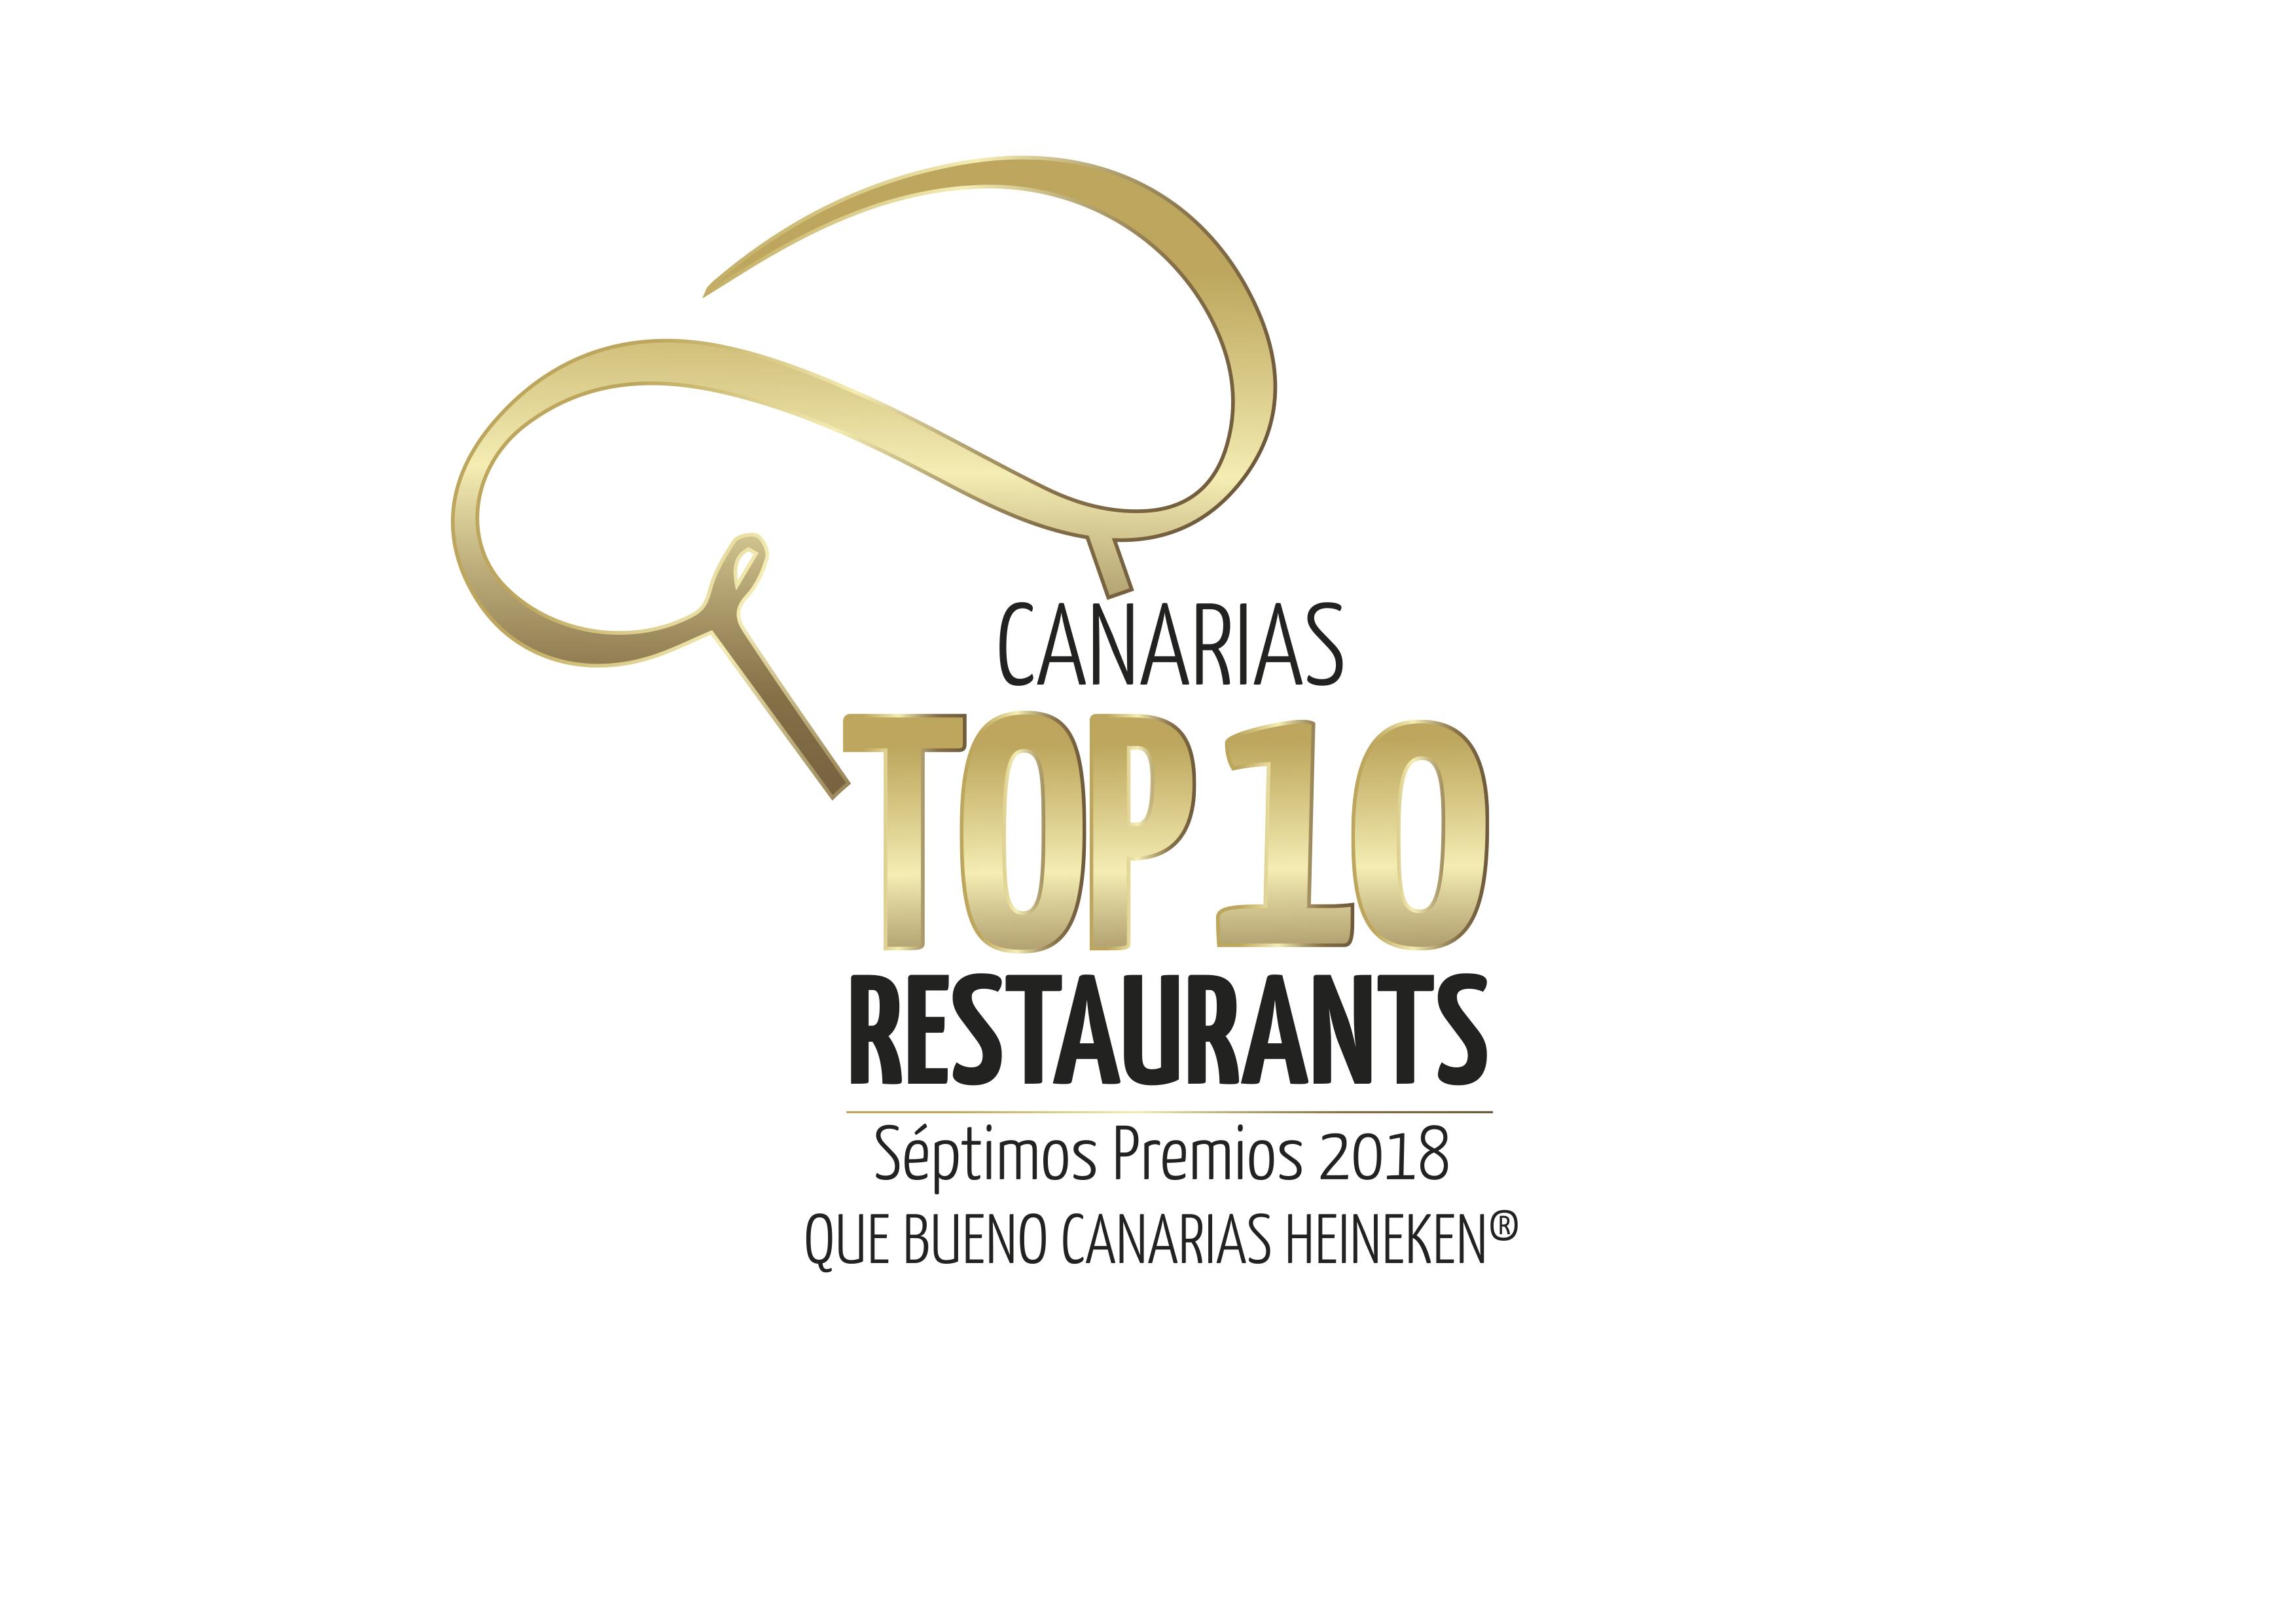 VII Edición de los Premios Qué Bueno Canarias Heineken Top 10 Restaurants